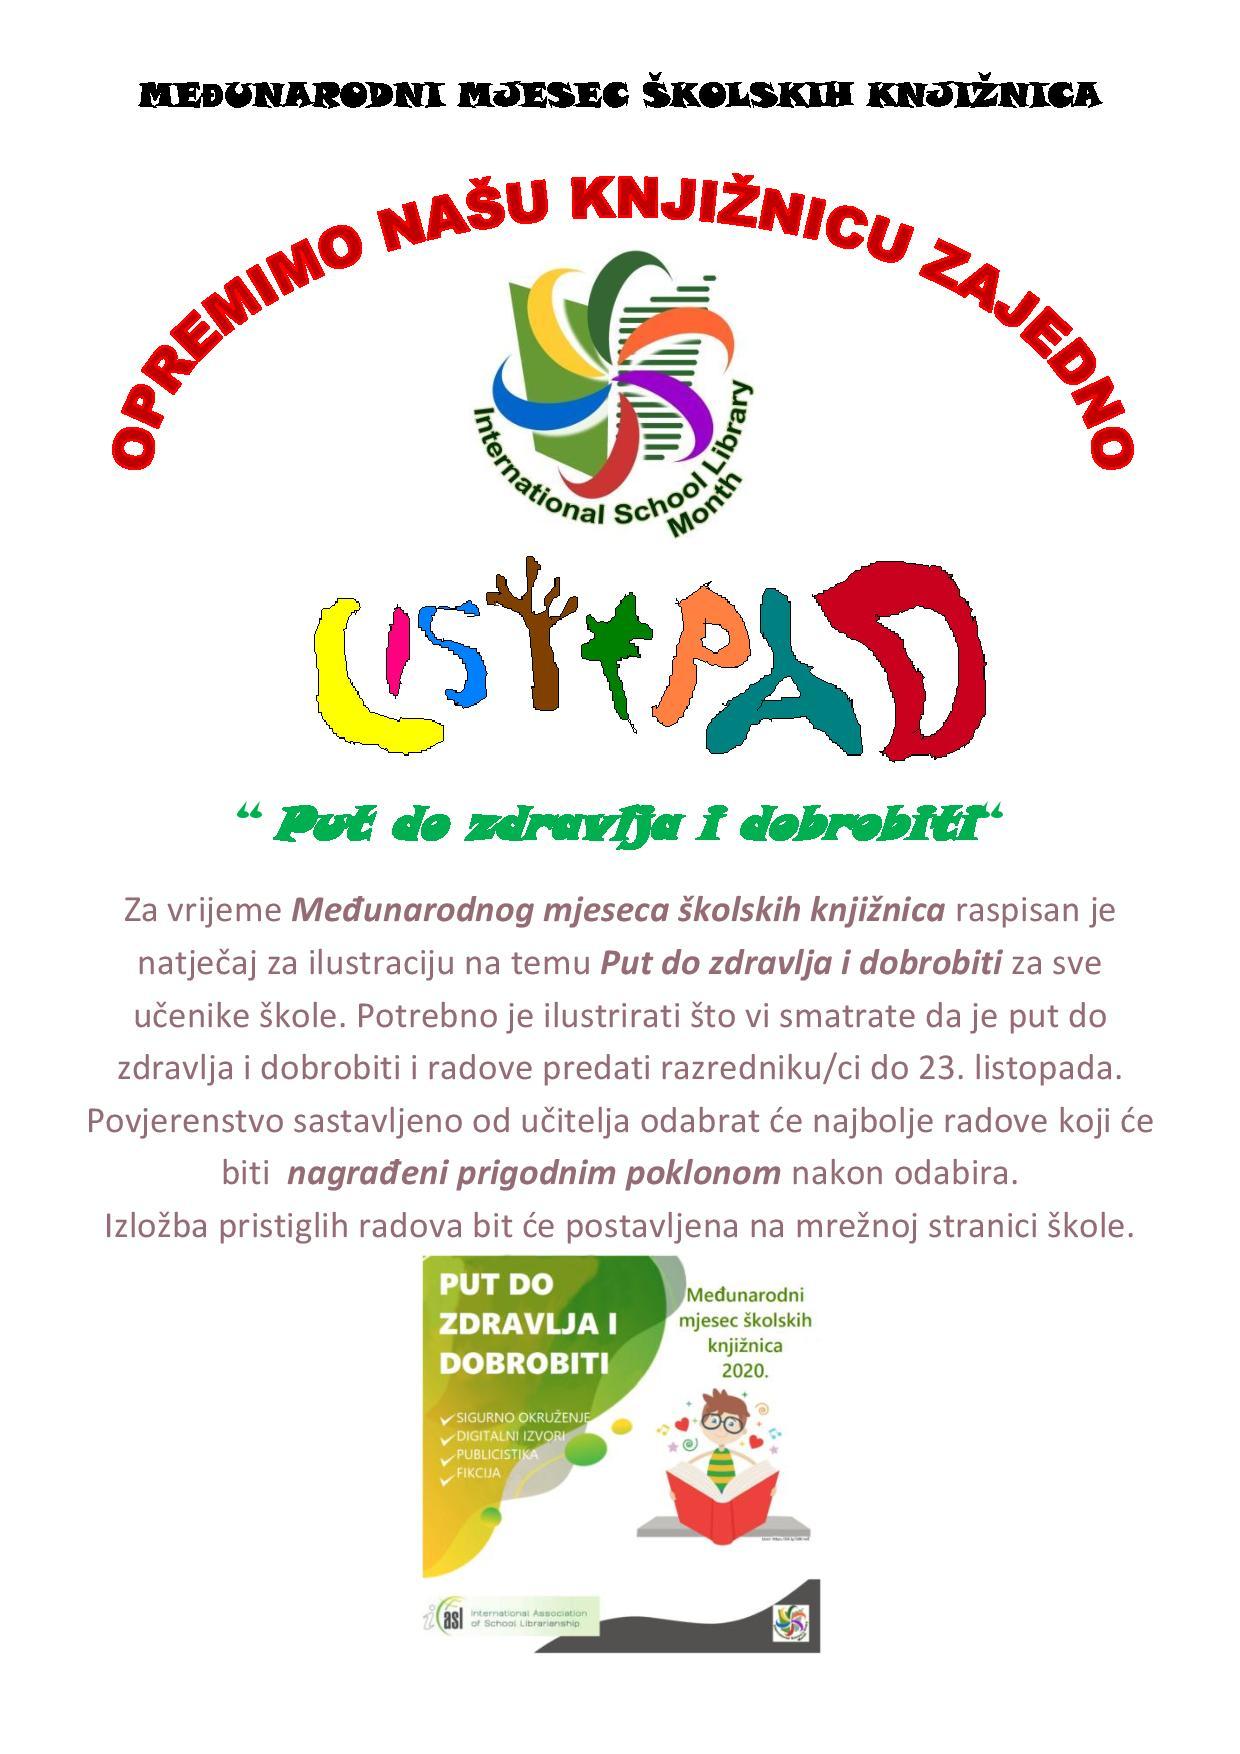 Međunarodni mjesec školskih knjižnica 1